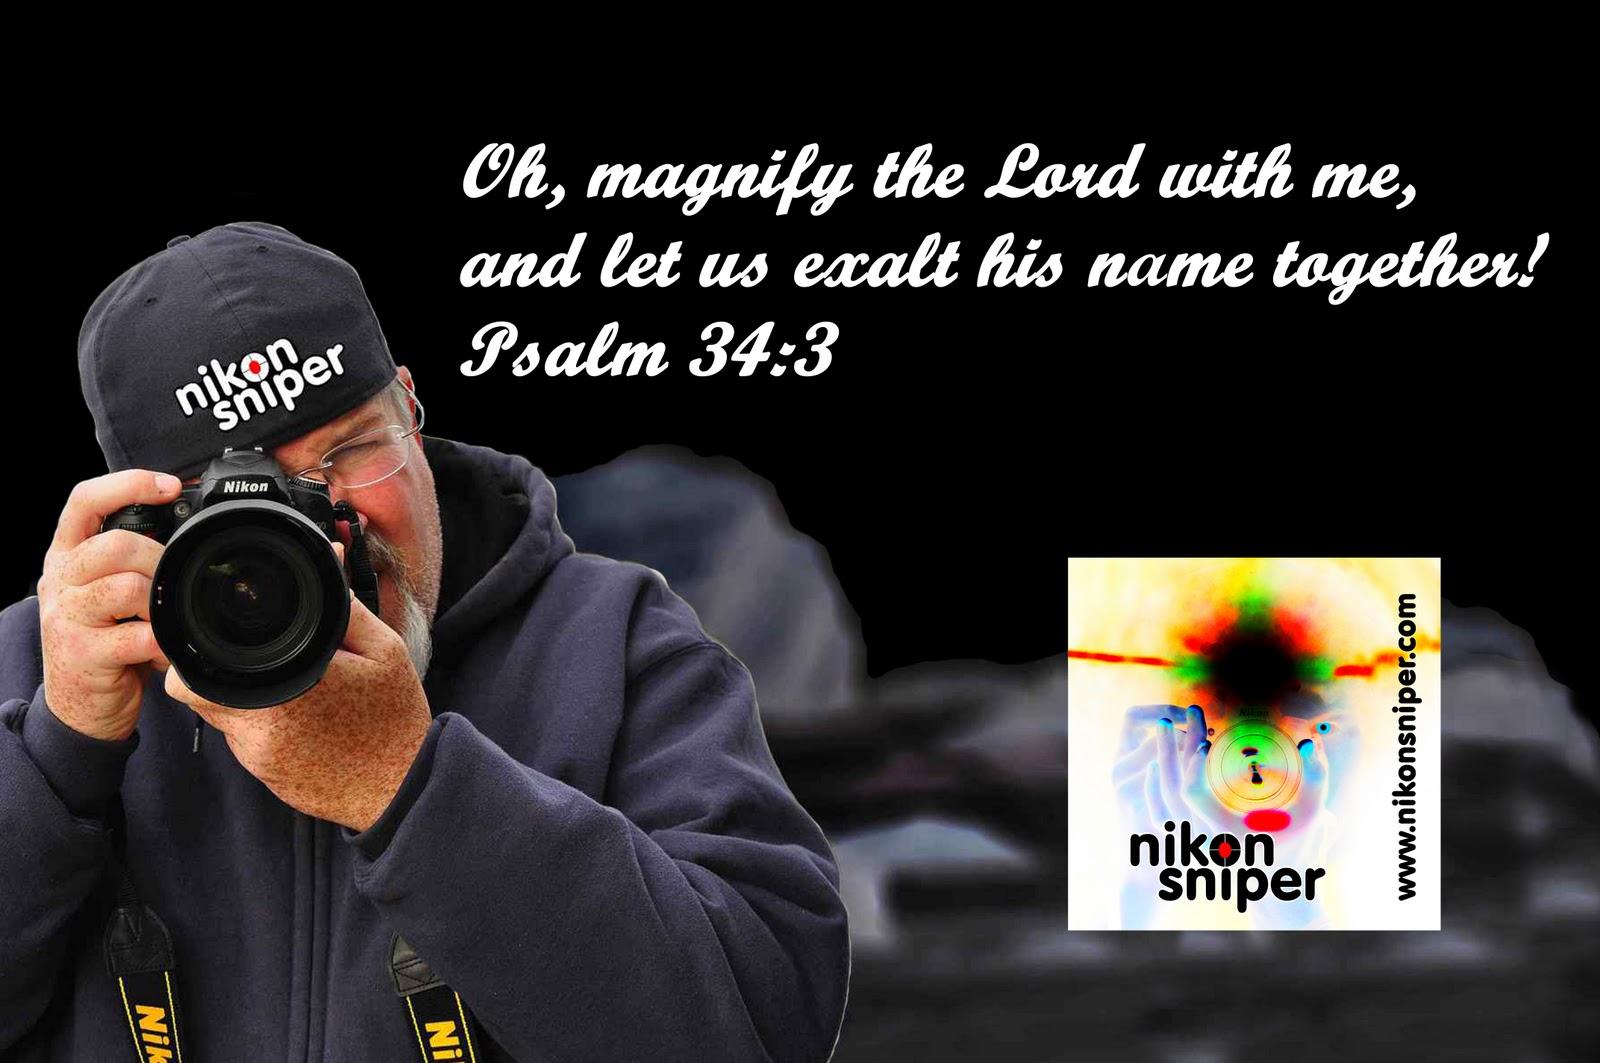 let us exalt his name together pdf